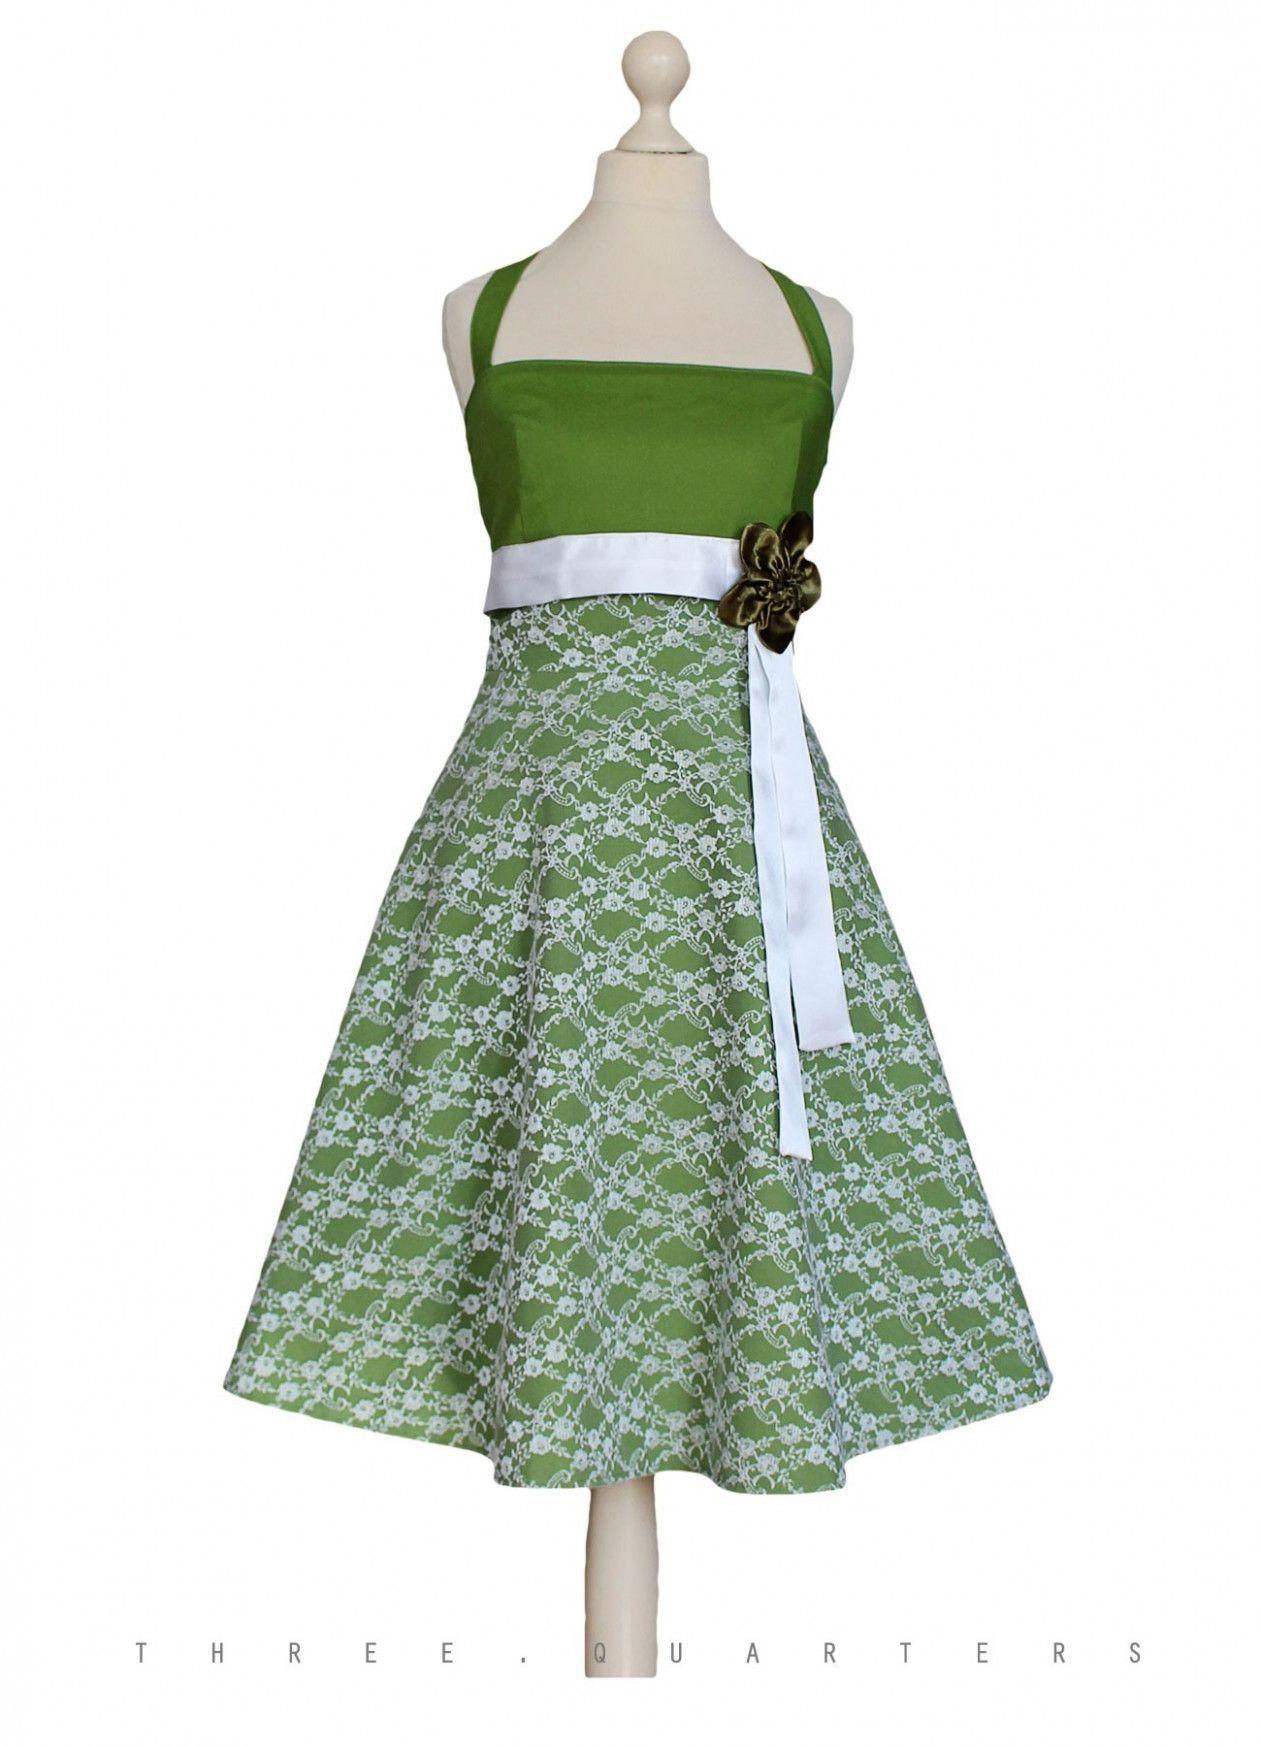 4 Bestes Kleid Hochzeit Grun In 2021 Kleider Kleid Hochzeitsgast Kleid Hochzeit